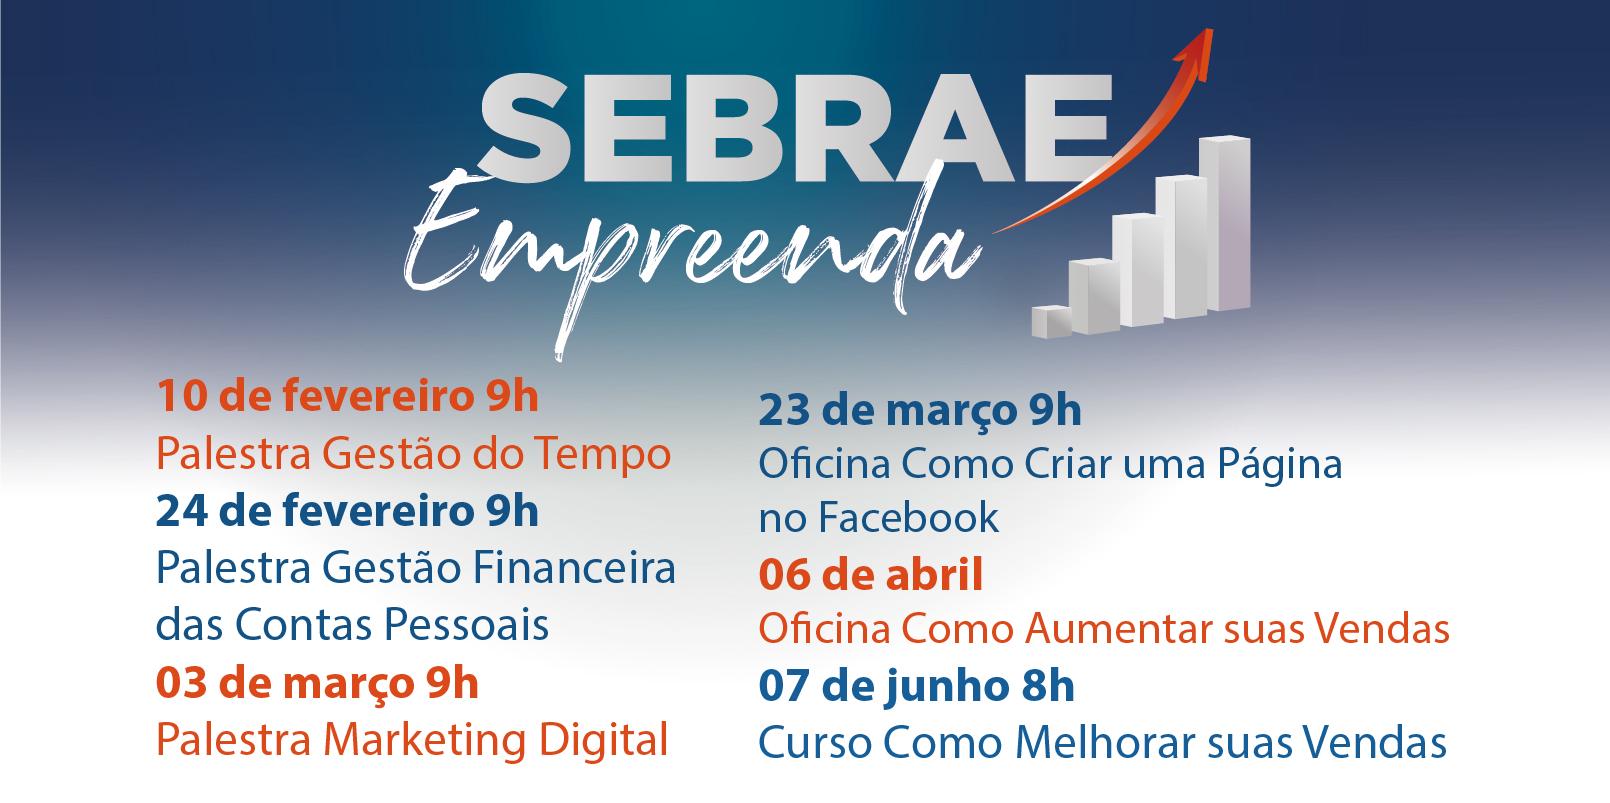 CRECI-GO promove circuito de eventos em parceria com Sebrae | CRECI-GO/ Conselho Regional de Corretores de Imóveis de Goiás